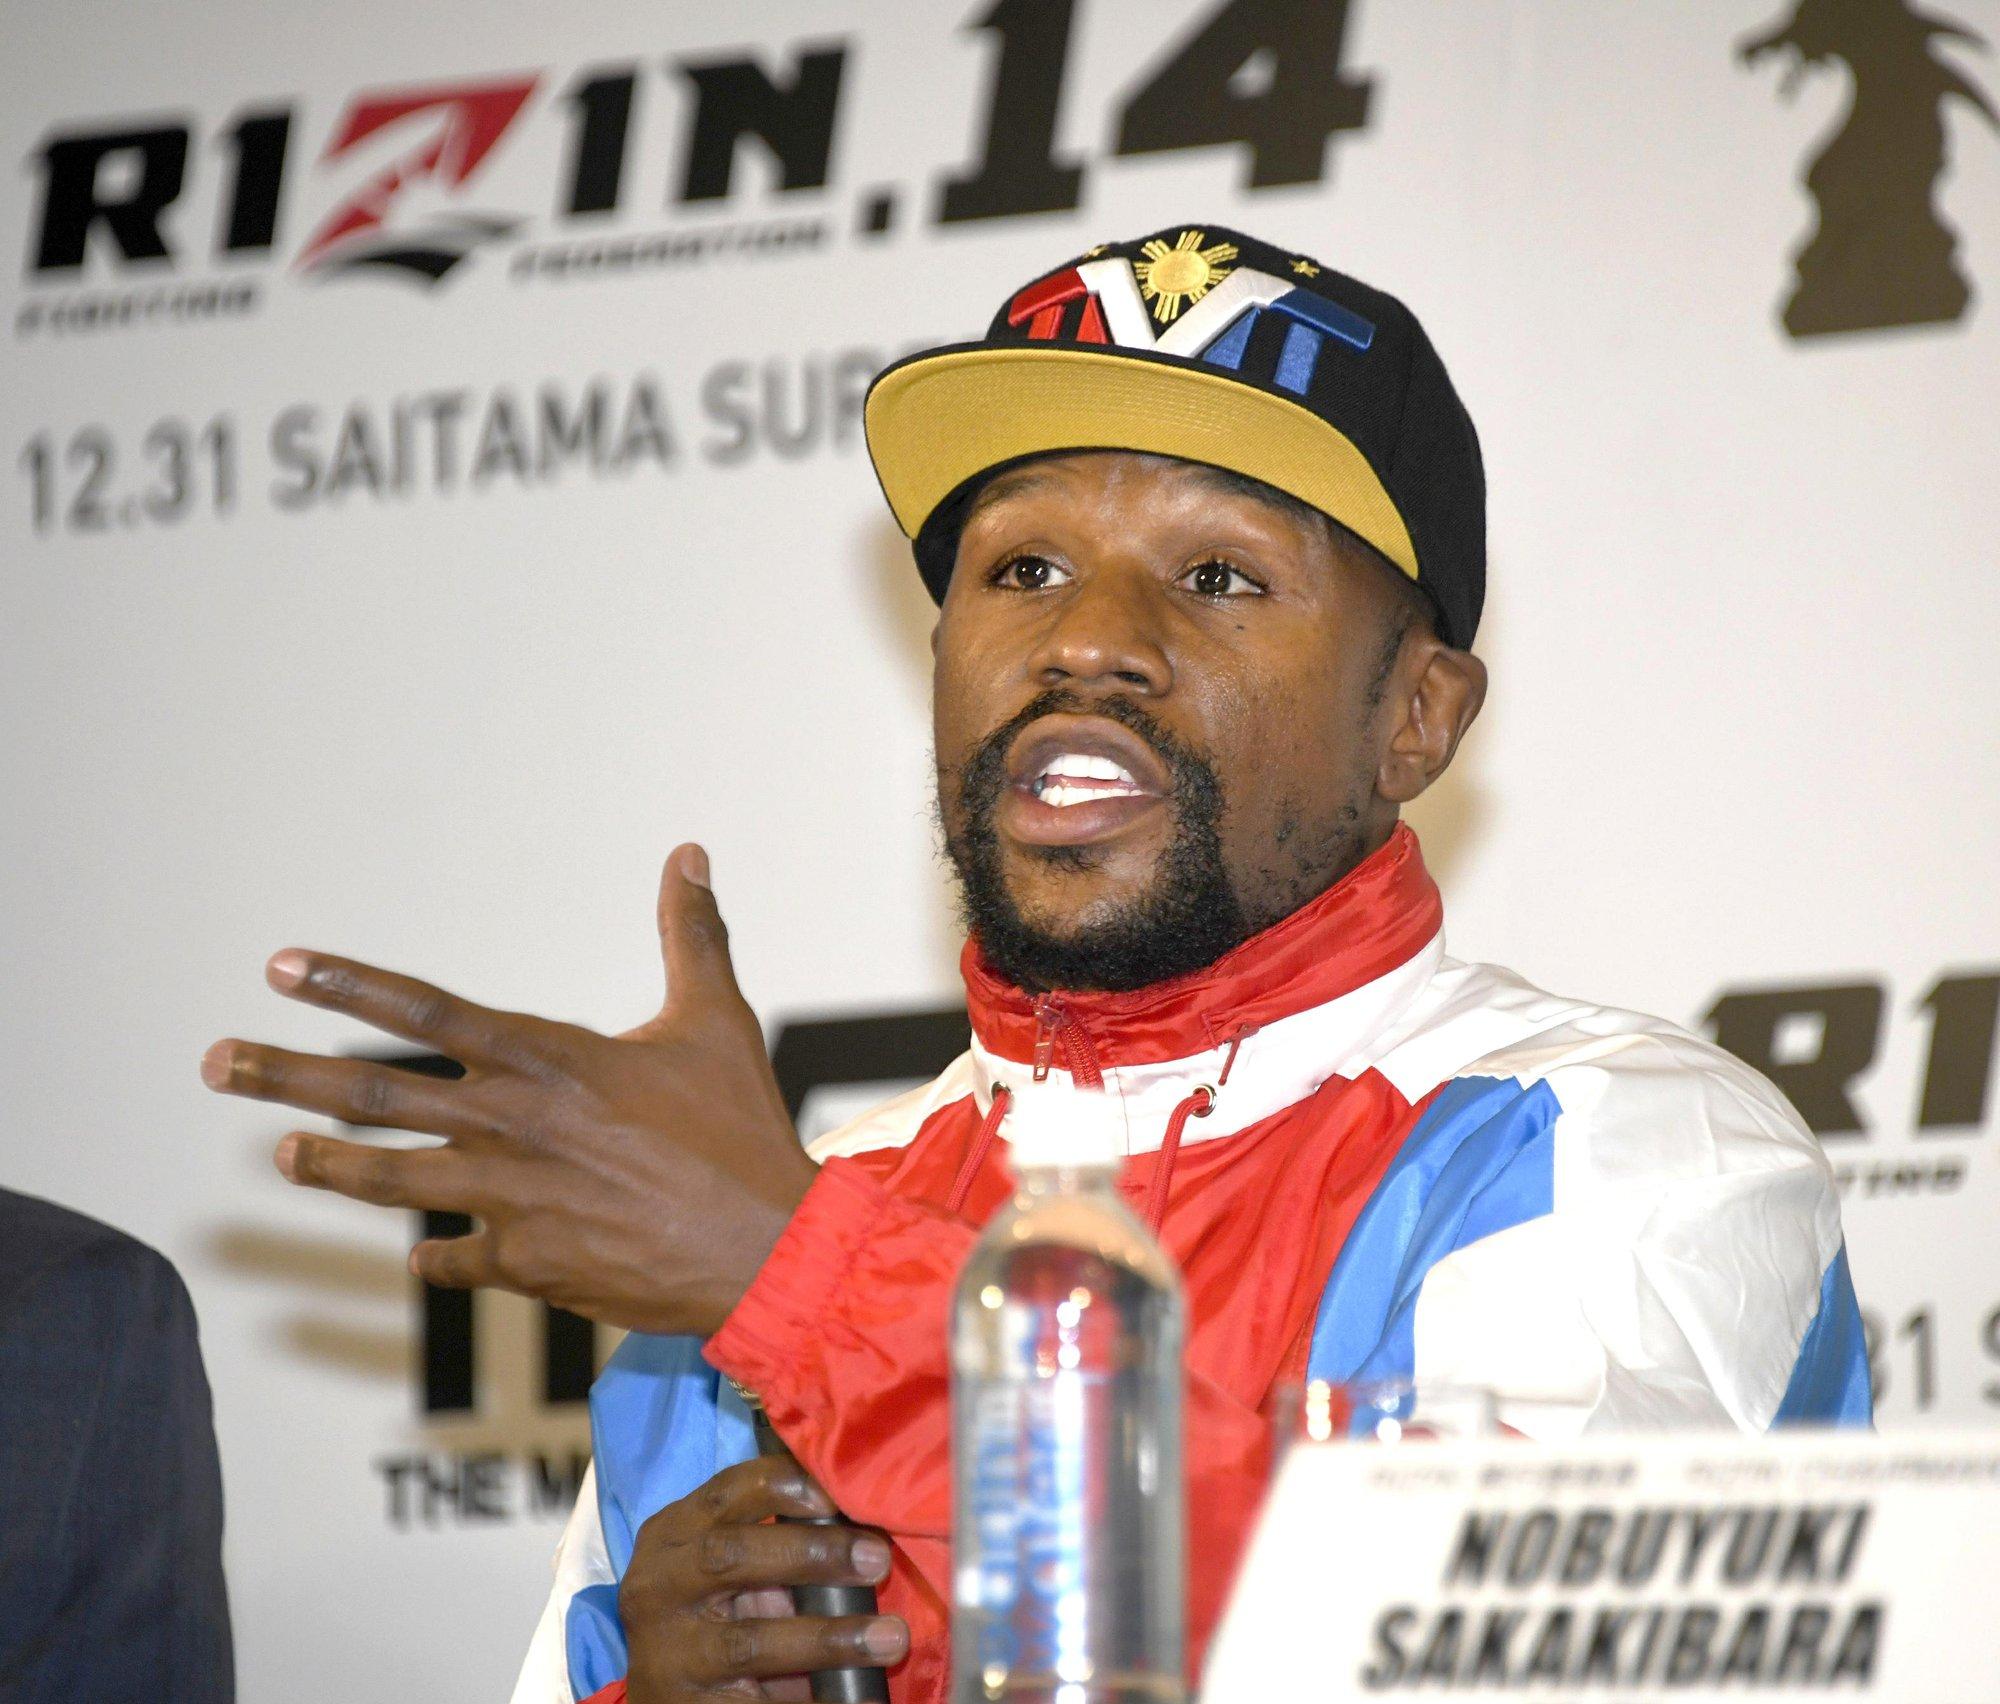 Mayweather se enfrentará a un kickboxer japonés invicto como él en Saitama